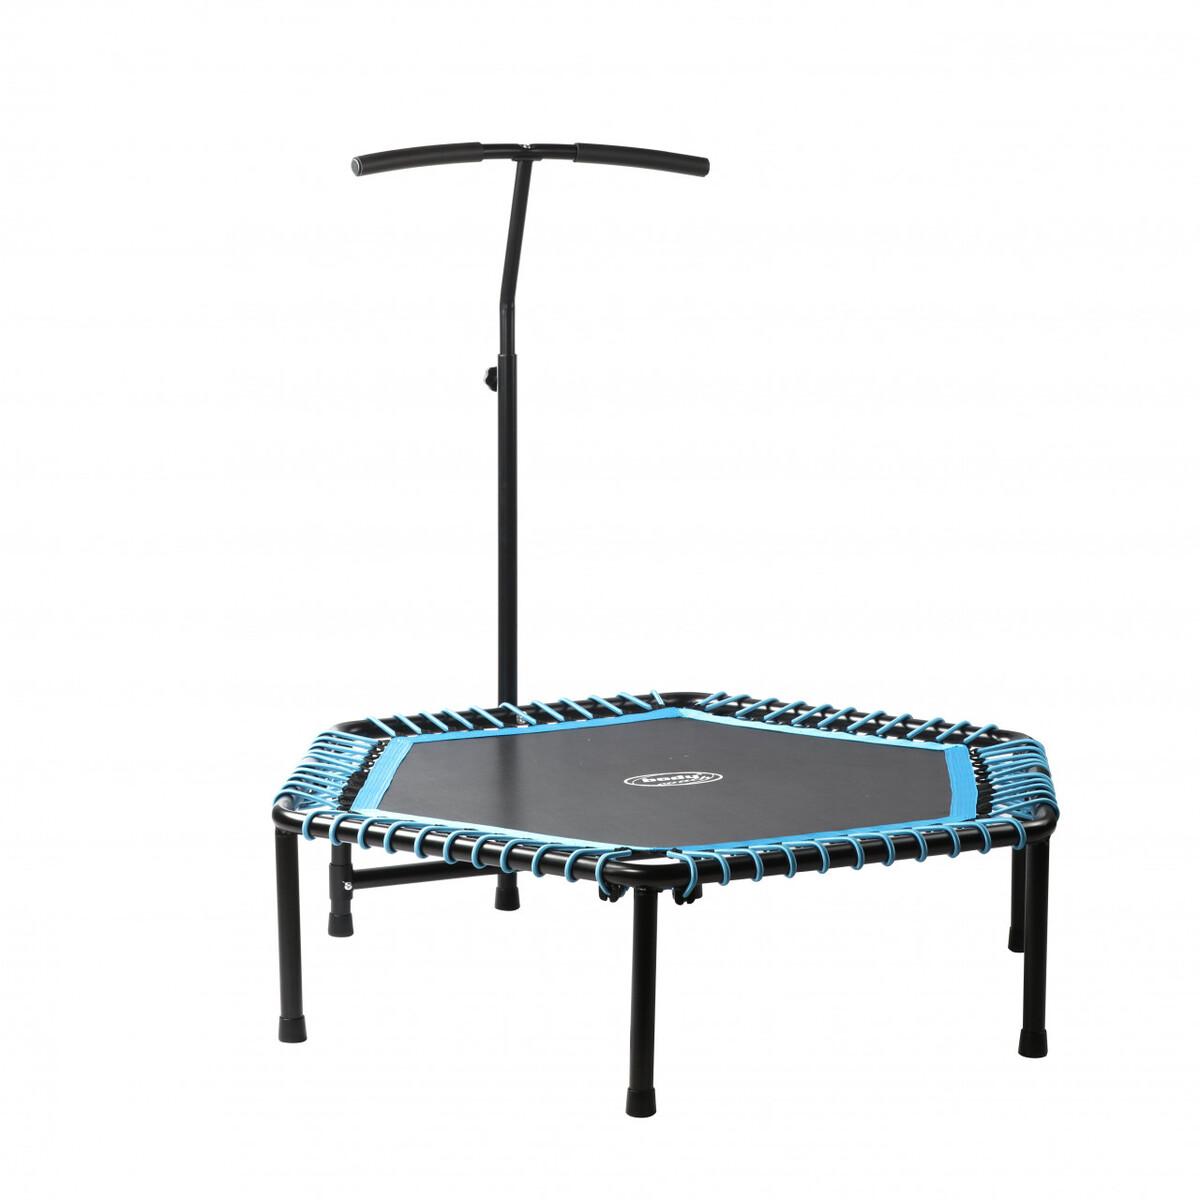 Bild 1 von Body Coach Fitness-Trampolin mit Handgriff 127 x 33 cm